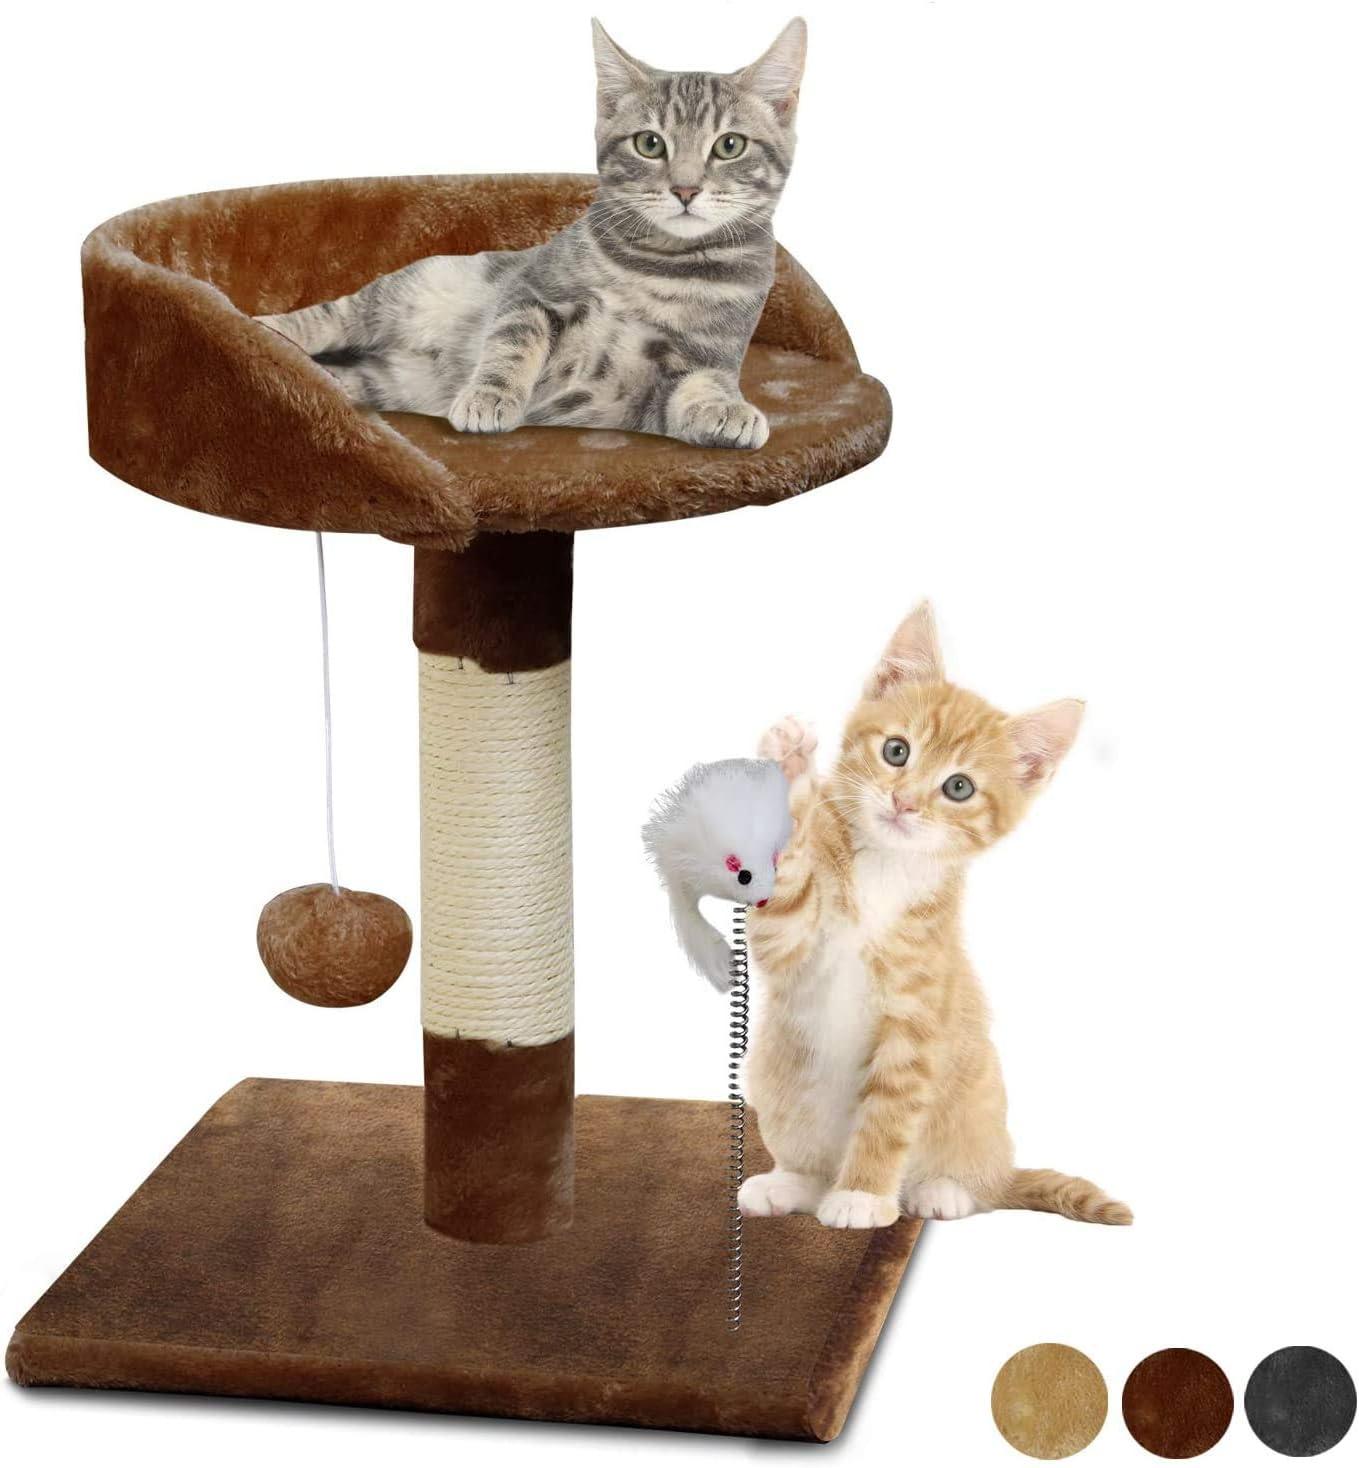 Cat Toy Centro de Actividad para Gatitos Marr/ón KORIMEFA Rascadores para Gatos /Árbol para Gatos Ara/ñazo Gatos Juguetes de Sisal Natural